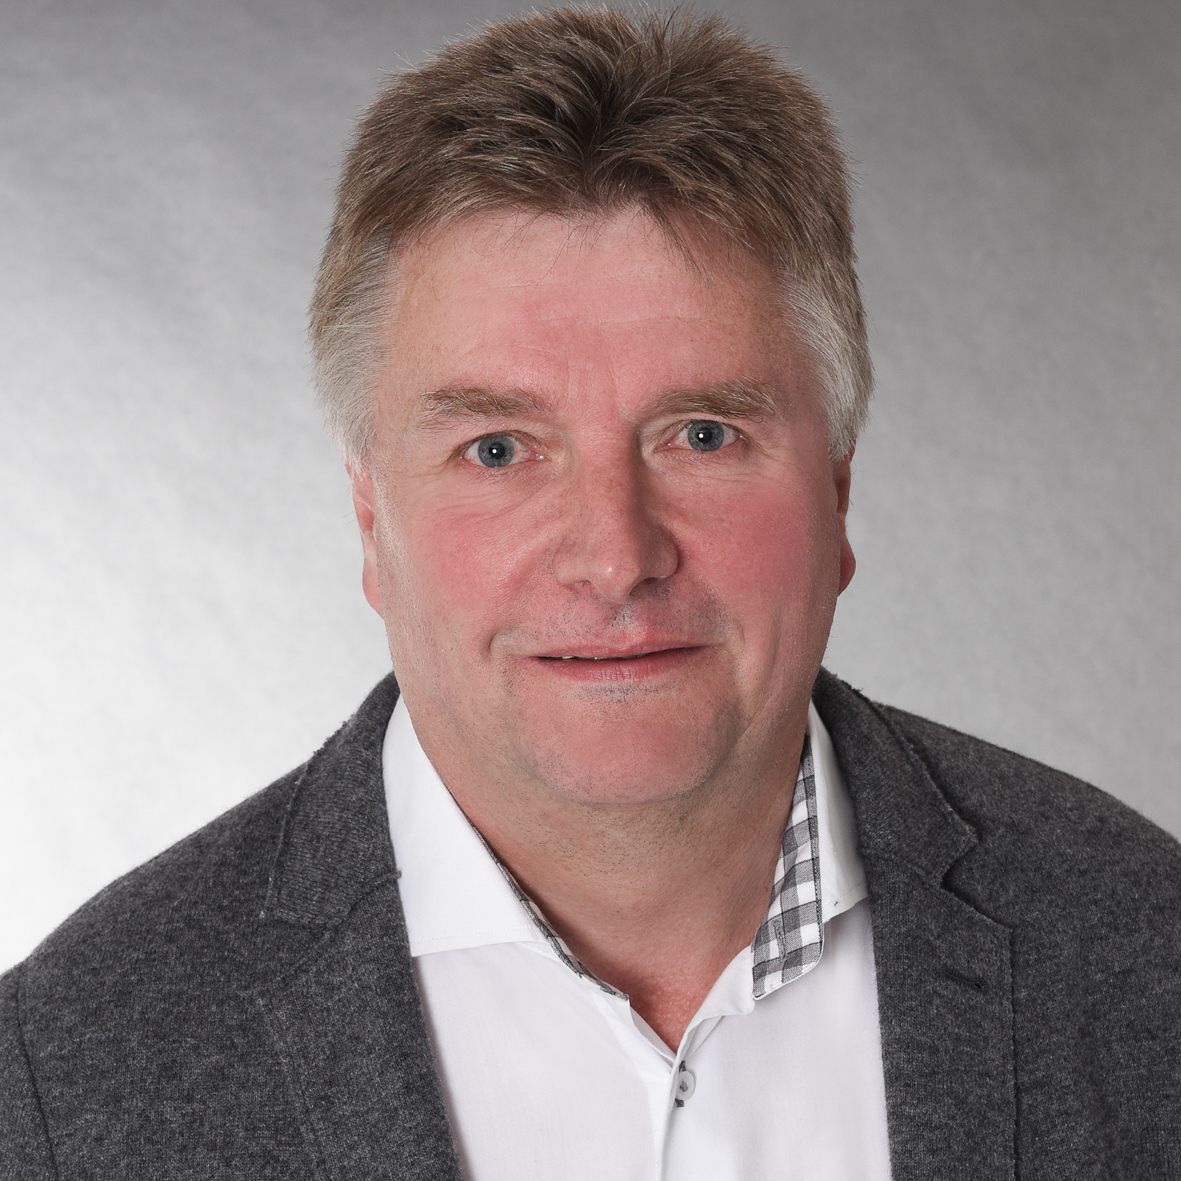 Dieter Nüsse